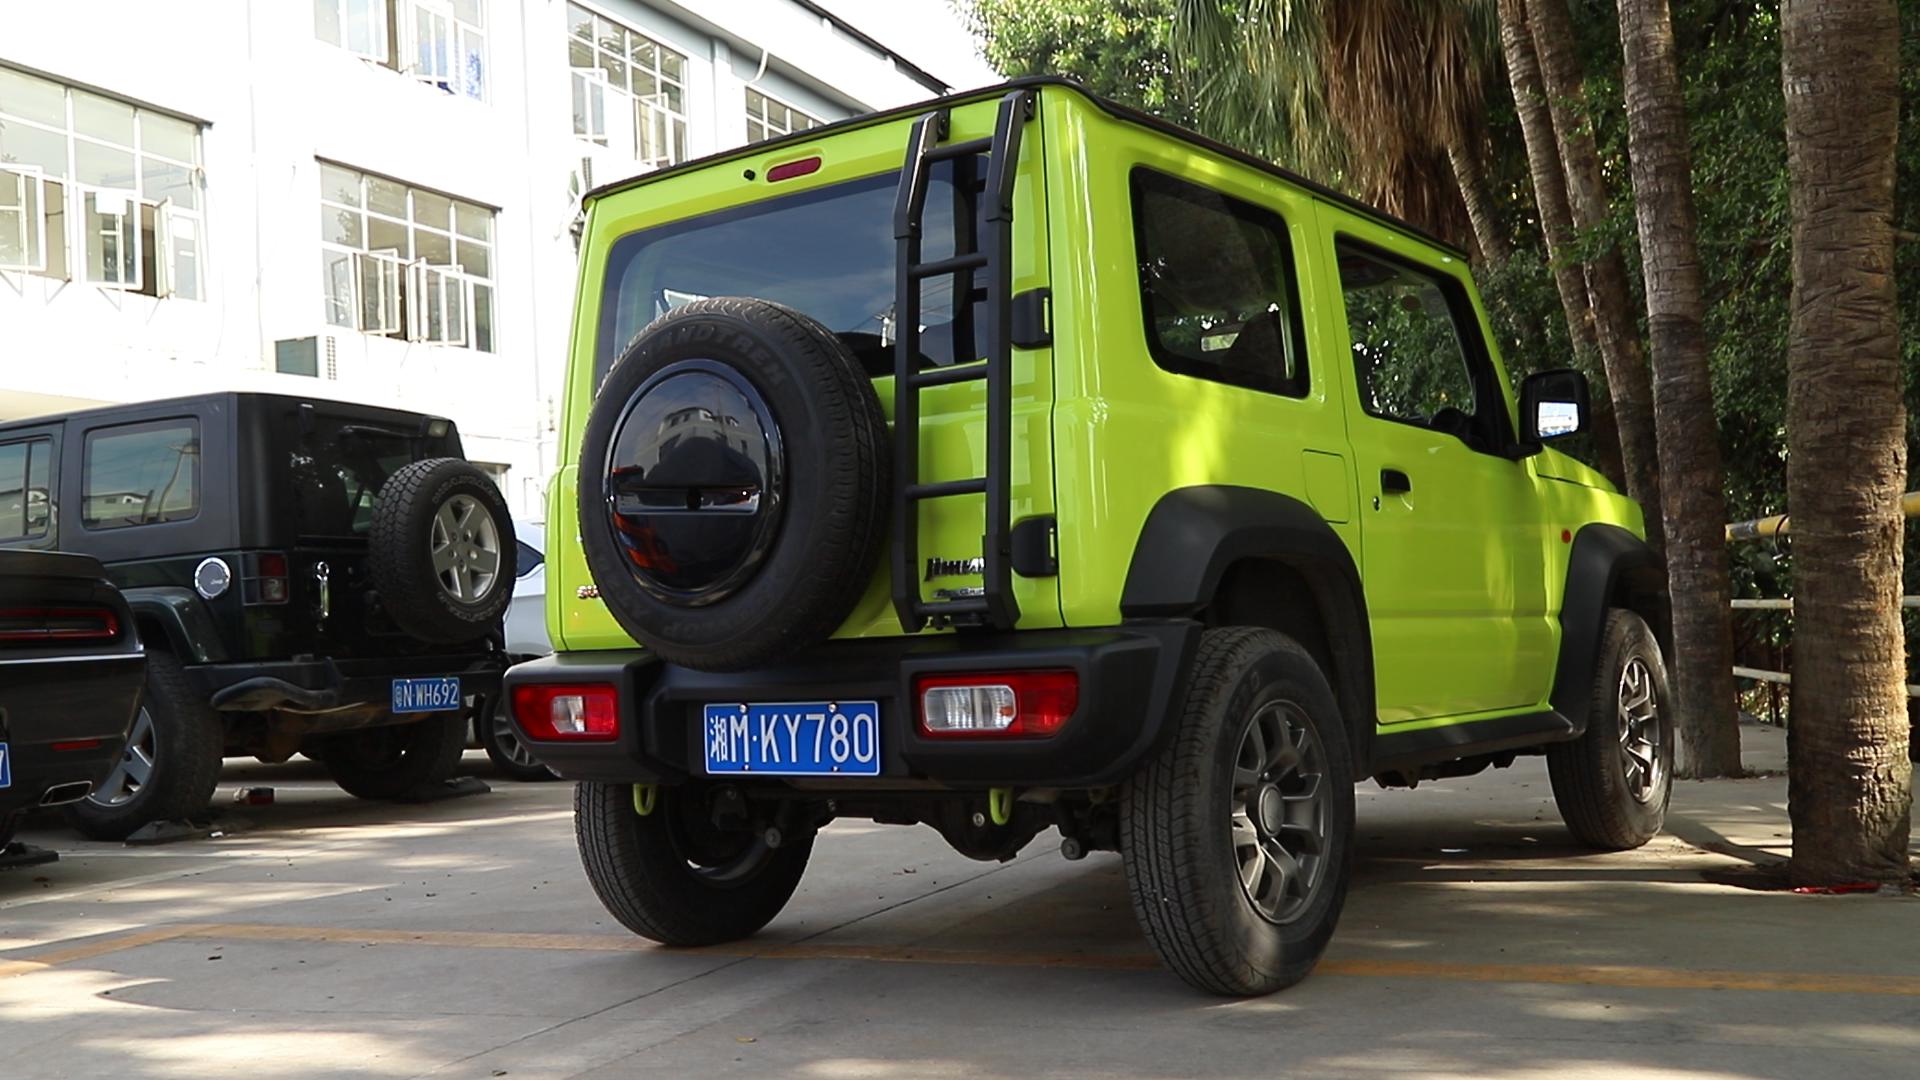 Accessori Per auto In Lega di Alluminio Macchina di Scala Posteriore Porta Posteriore Portellone JB74 Scaletta per Suzuki Jimny 2019 2020